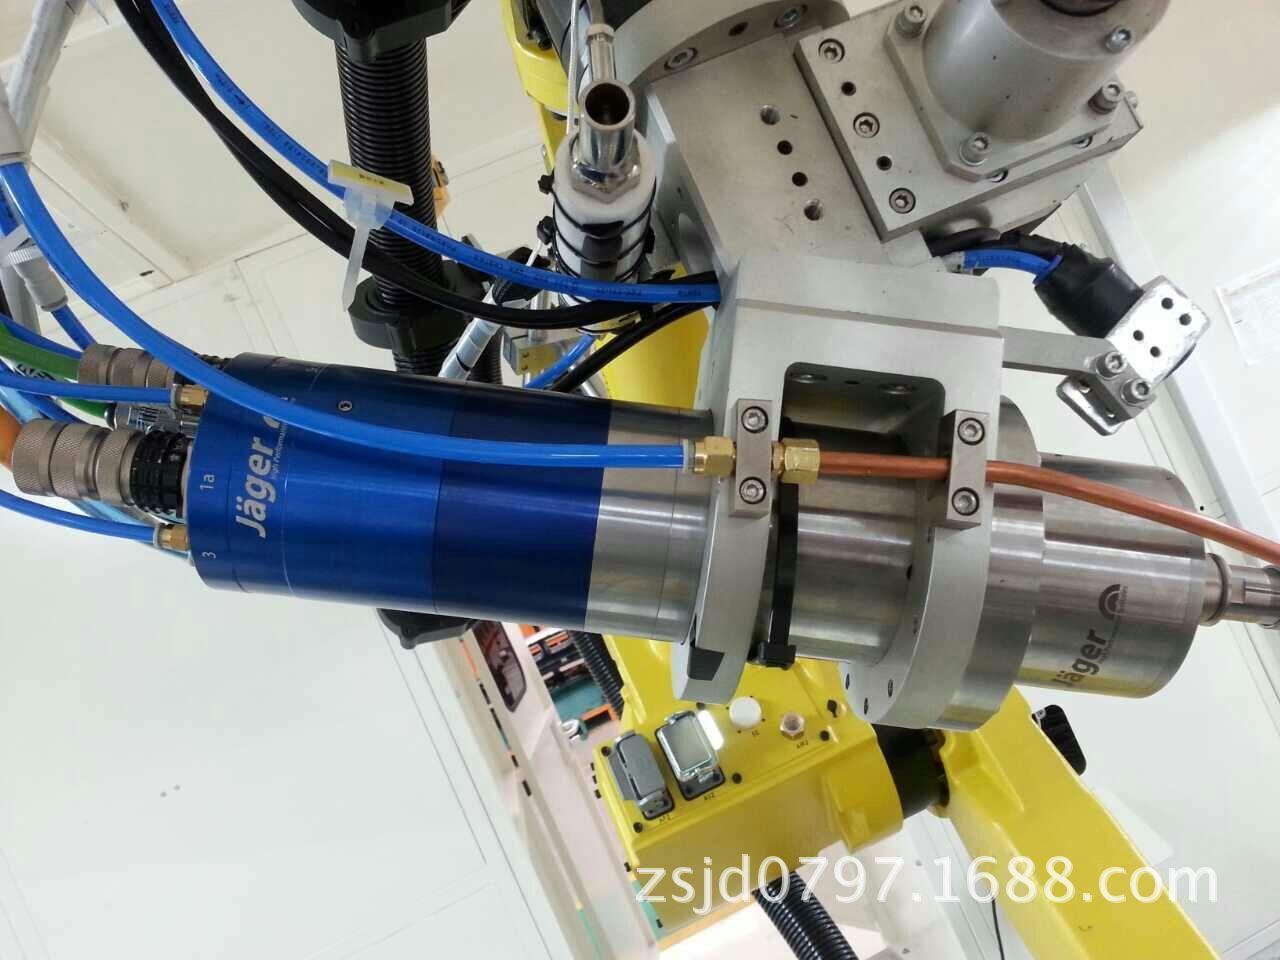 ABB机器人铣削切割雕刻去毛刺电主轴集成应用德国Jager高频主轴原装进口